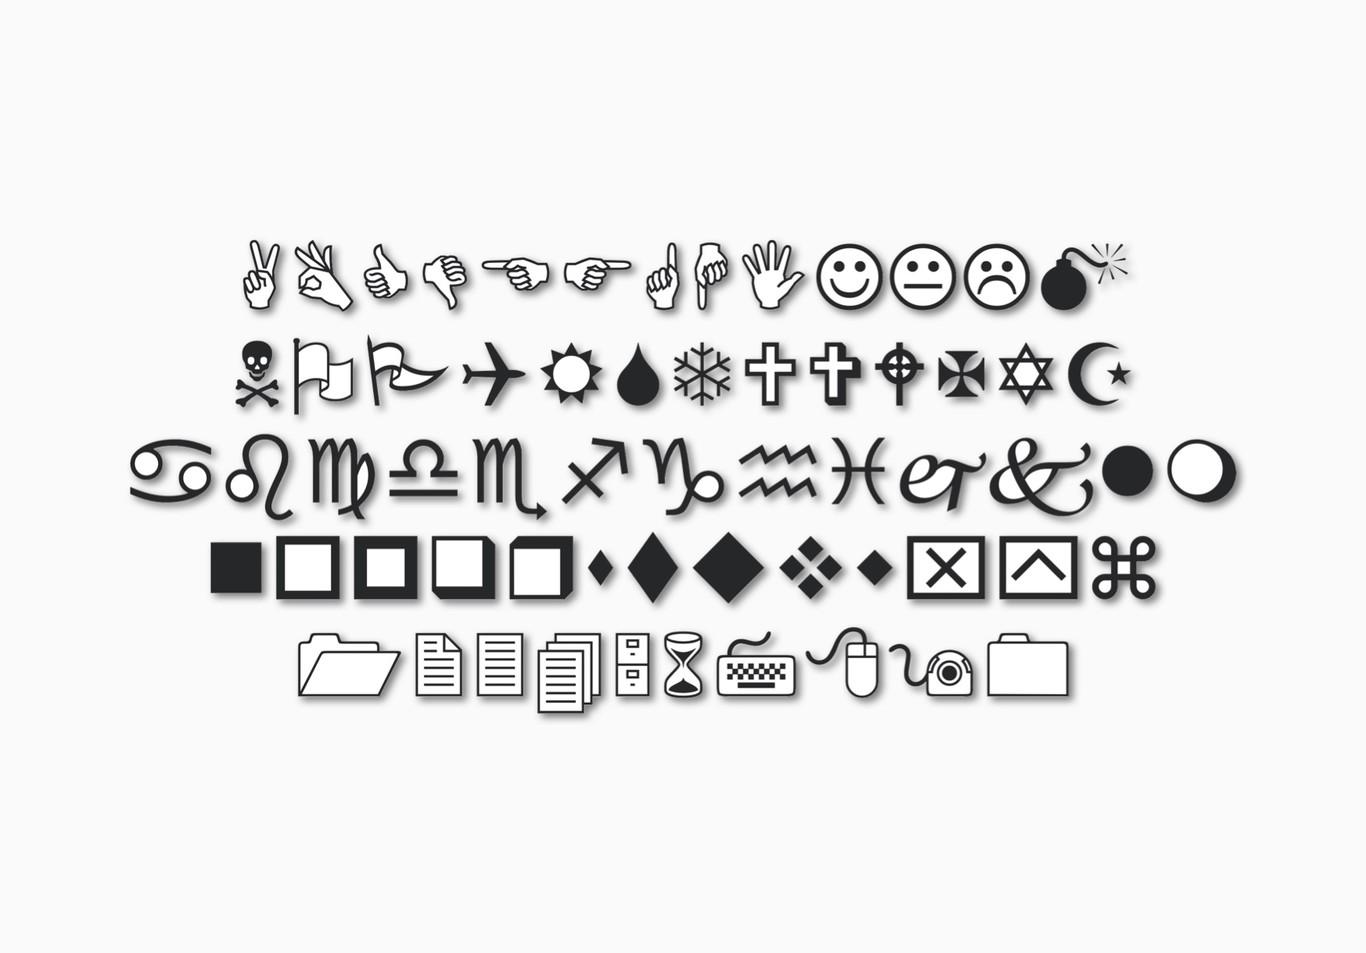 En los años 90 Microsoft tenía sus propios emojis: así surgió la tipografía Wingdings